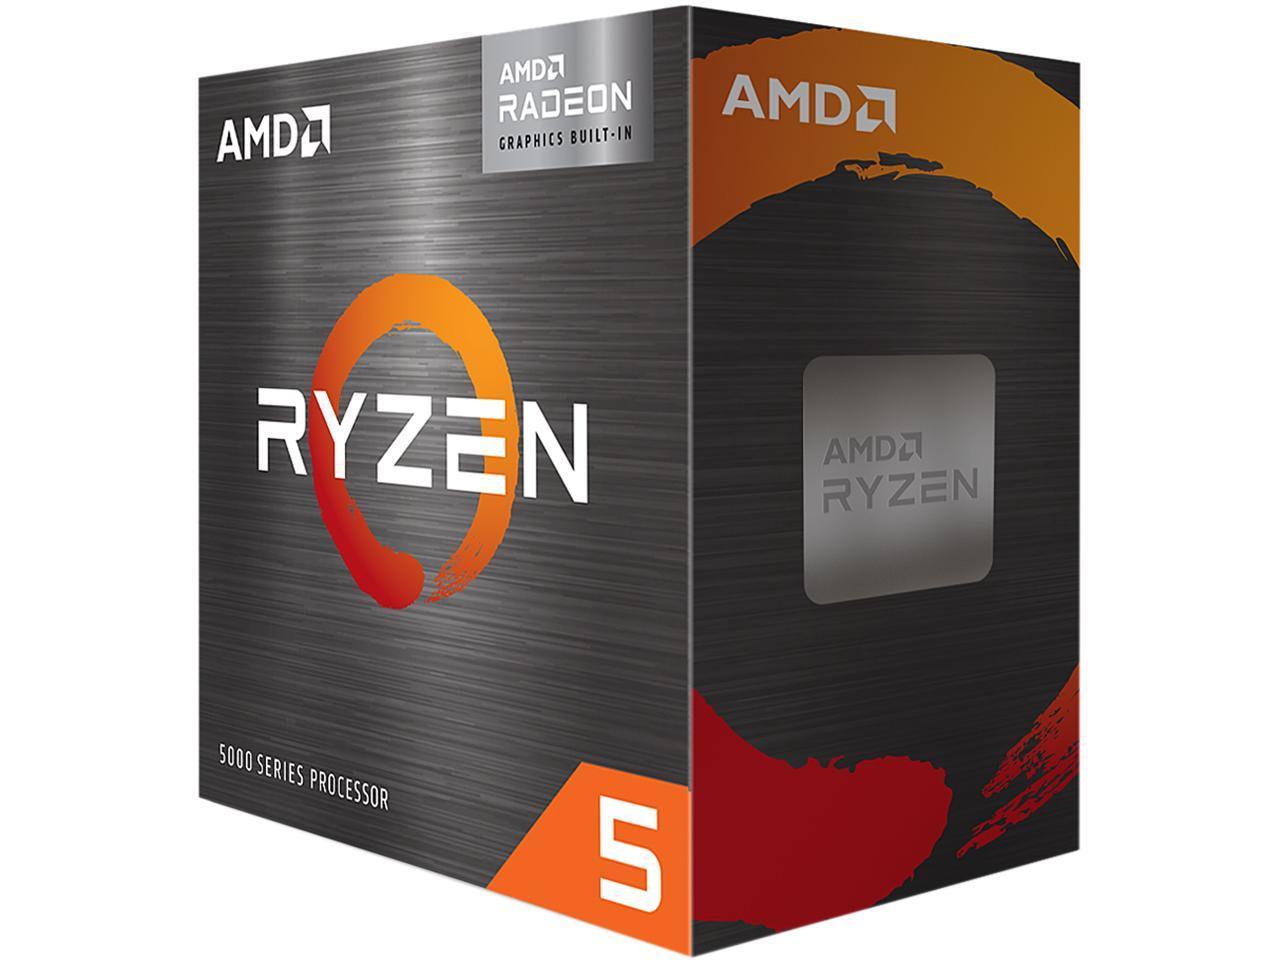 AMD Ryzen 5 5600G Cezanne 6-Core 3.9 GHz Socket AM4 65W 100-100000252BOX Desktop Processor AMD Radeon Graphics